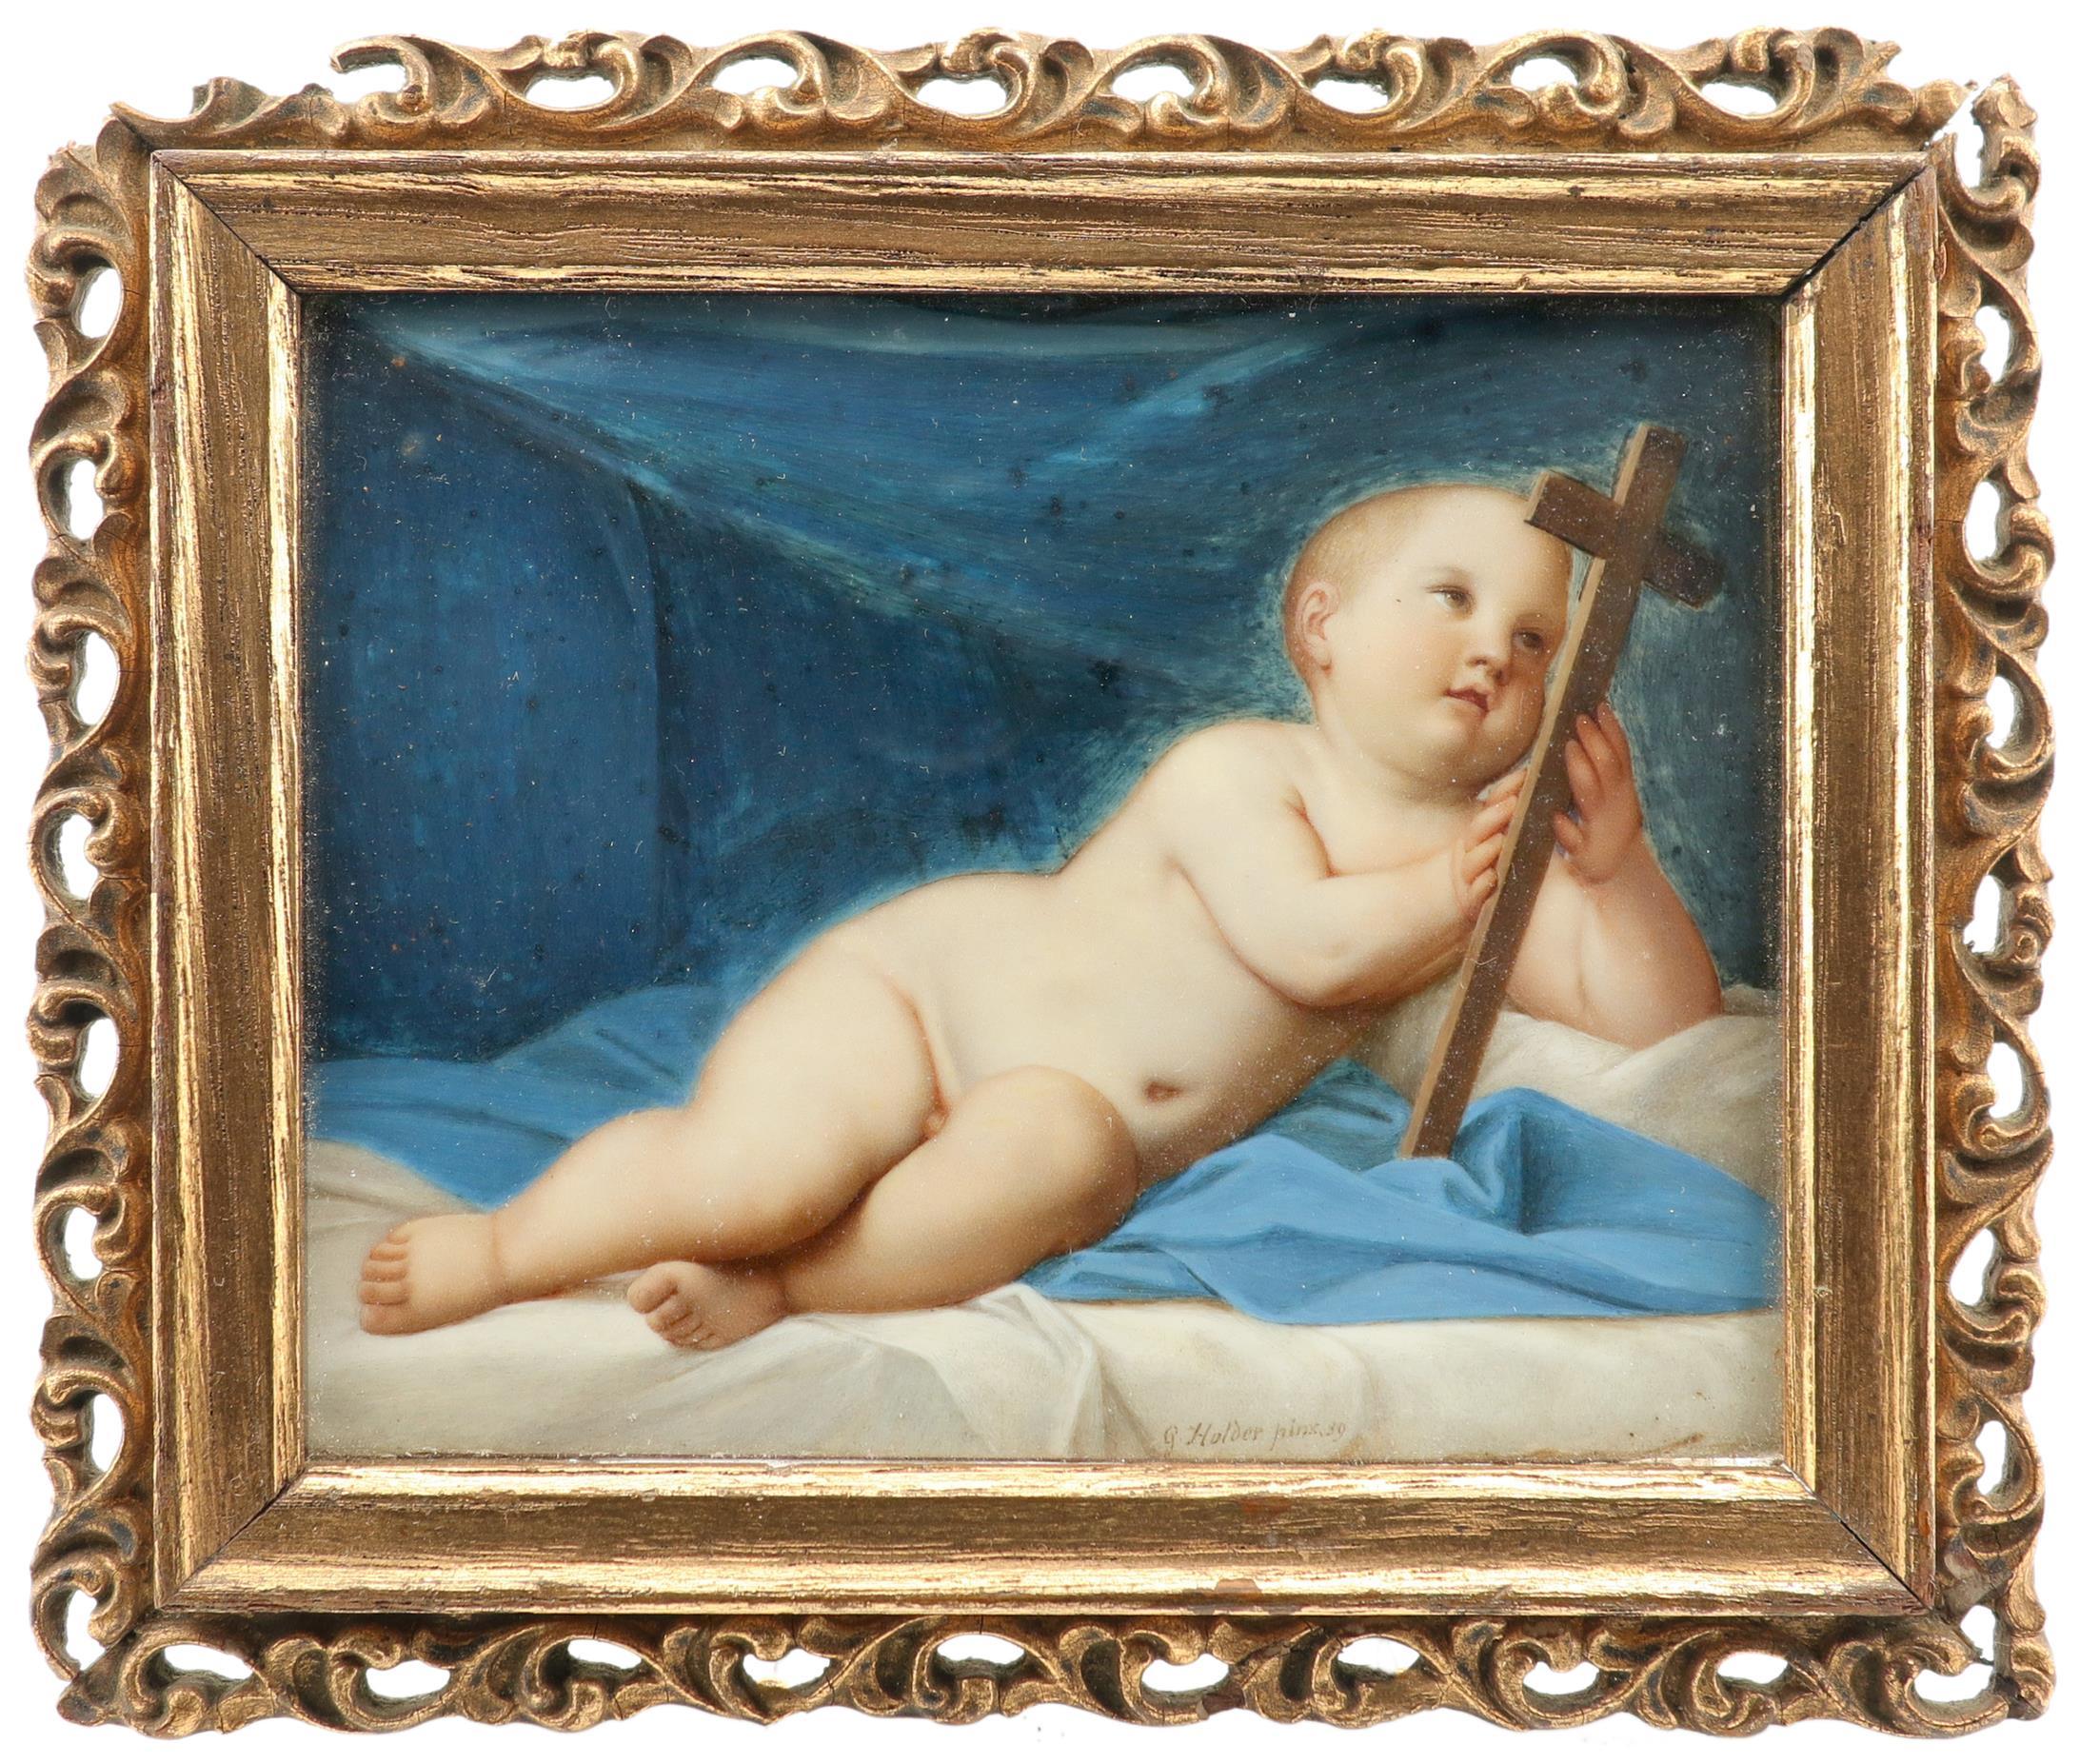 λGottlieb Holder (Austrian 19th Century) Miniature of the infant Christ holding the cross Signed and - Image 2 of 3